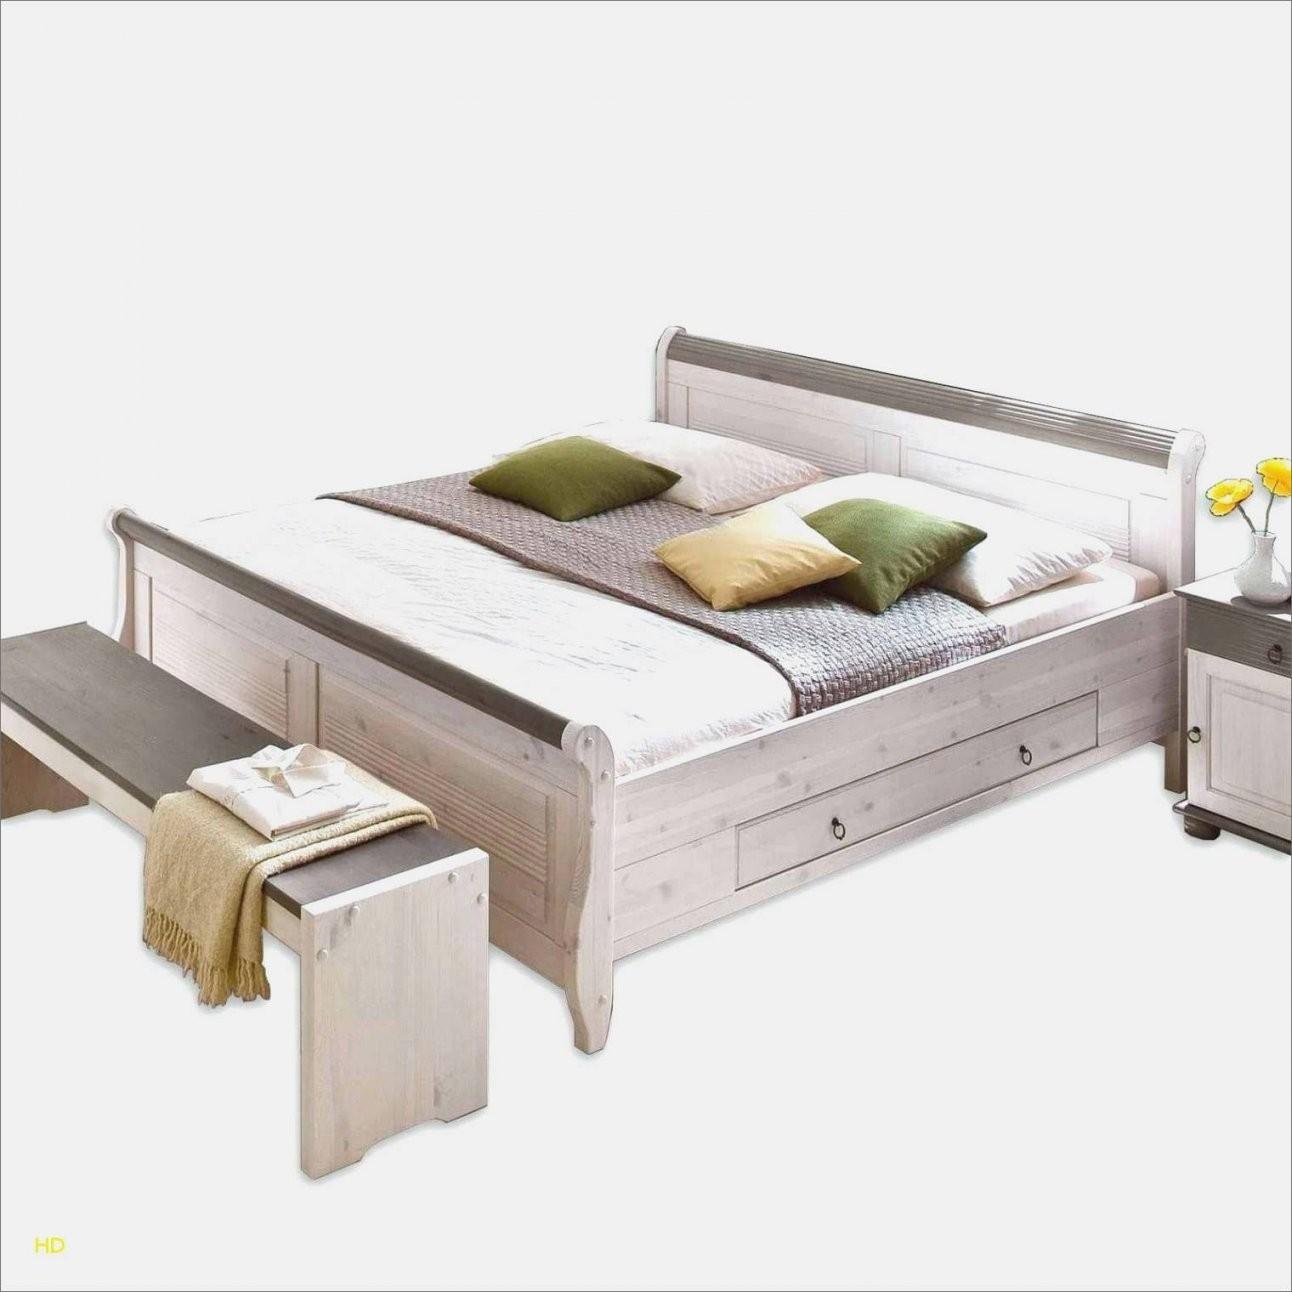 Futonbett 120×200 Beste Bett 120×200 Mit Lattenrost Und Matratze von Bett 120X200 Mit Lattenrost Und Matratze Photo